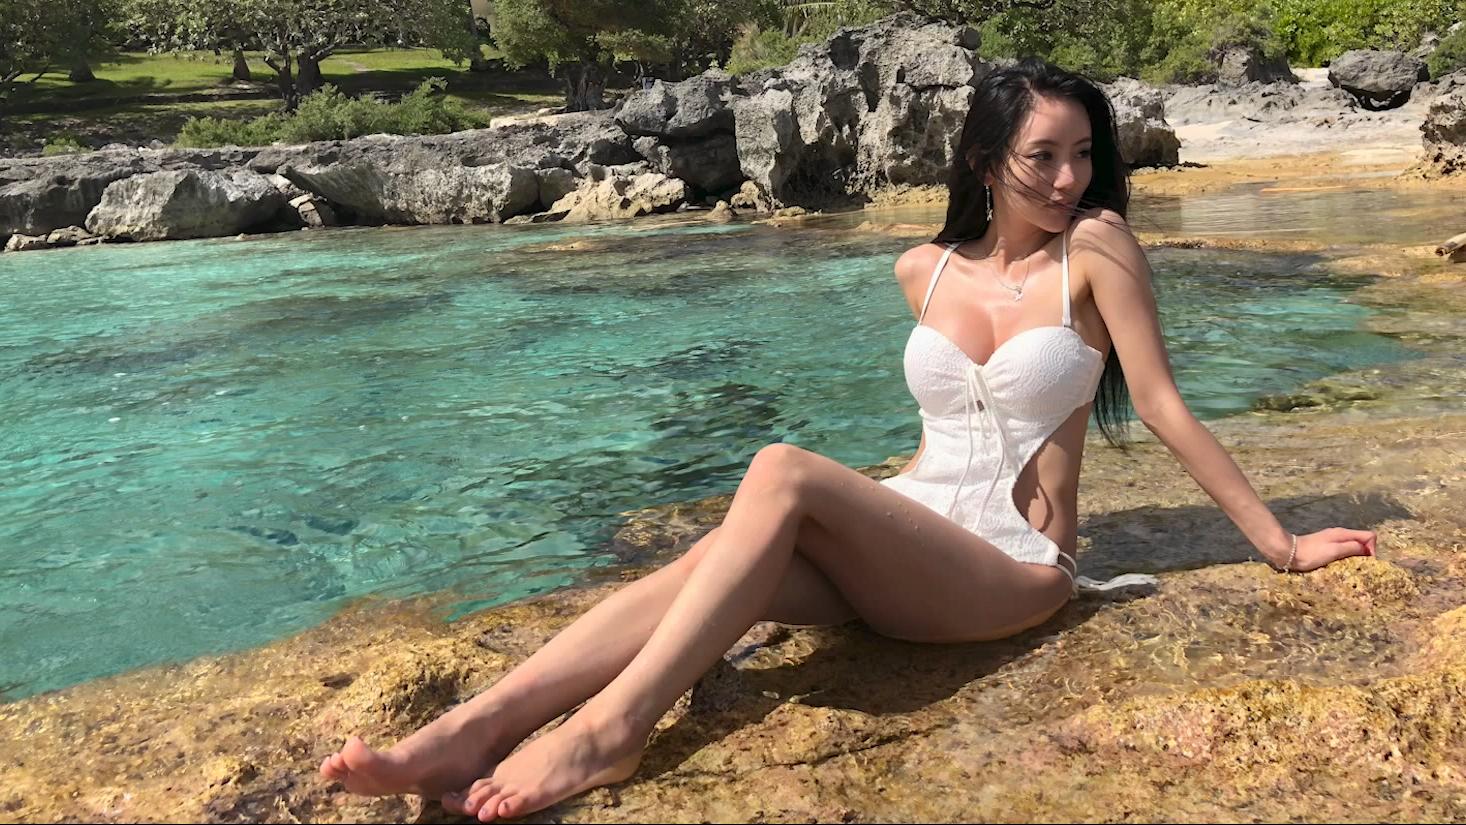 周四的一日约会~就和你们的架子鼓女神雅妍曲关岛玩吧